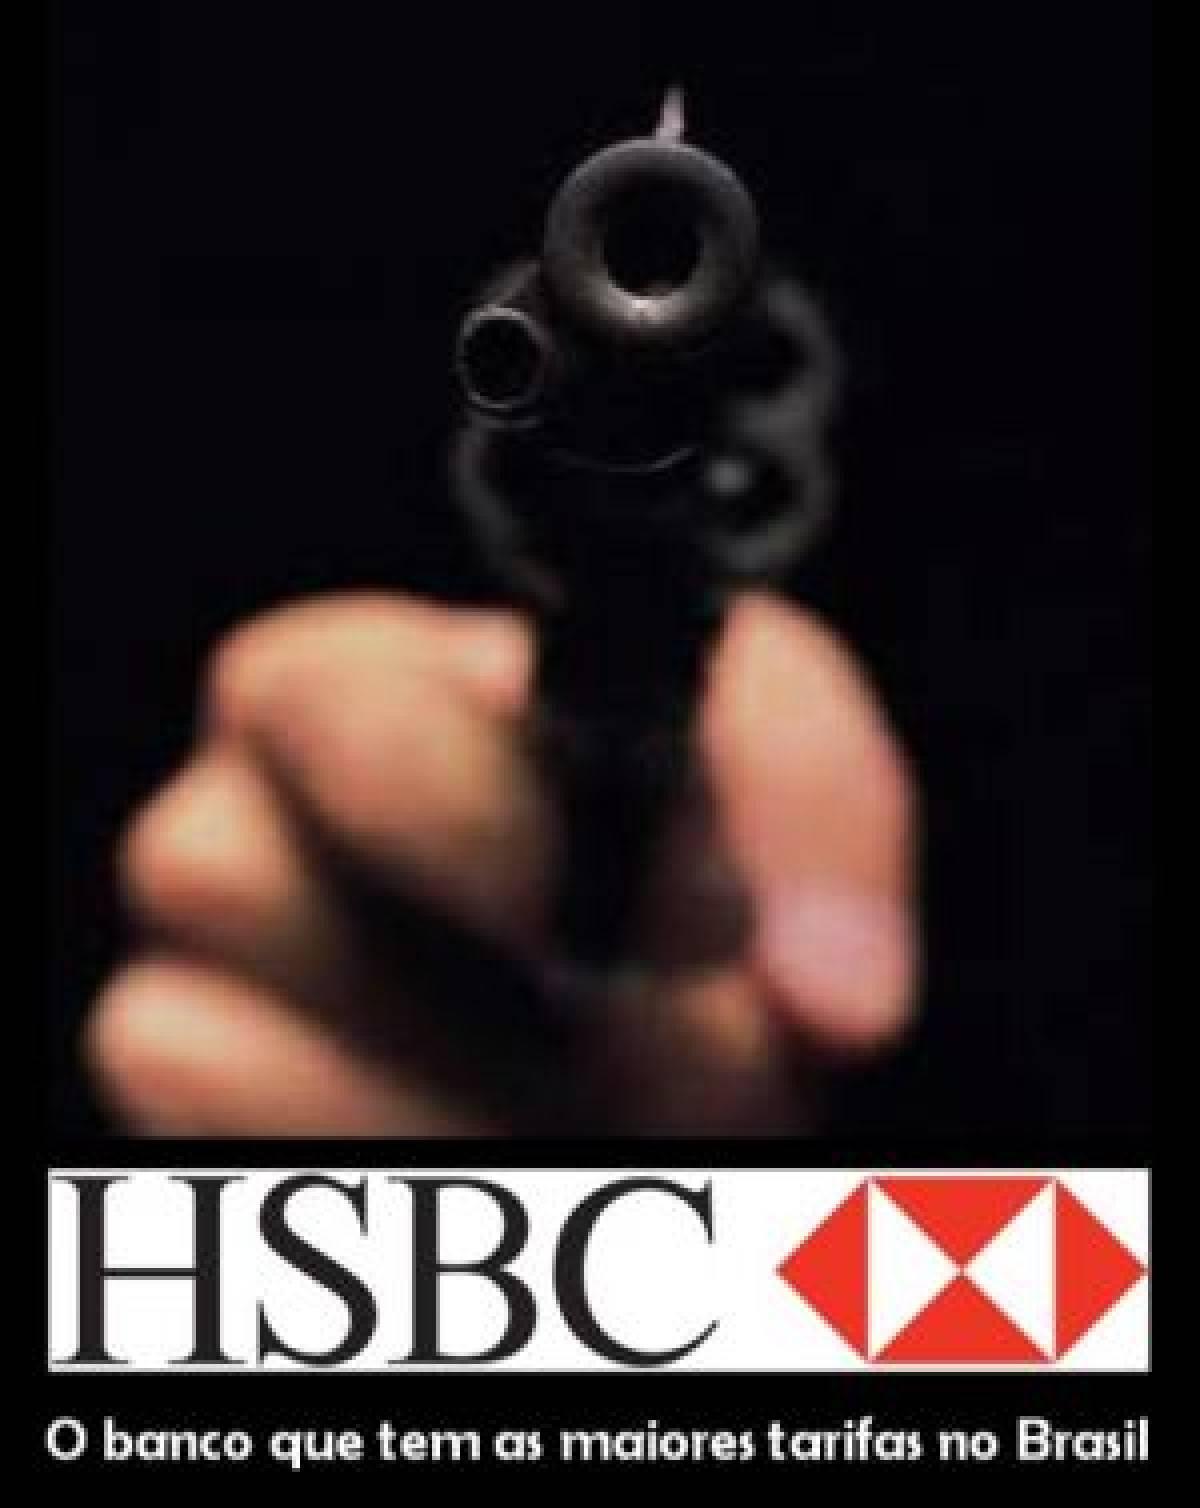 HSBC é campeão de cobrança de tarifas altas, aponta levantamento